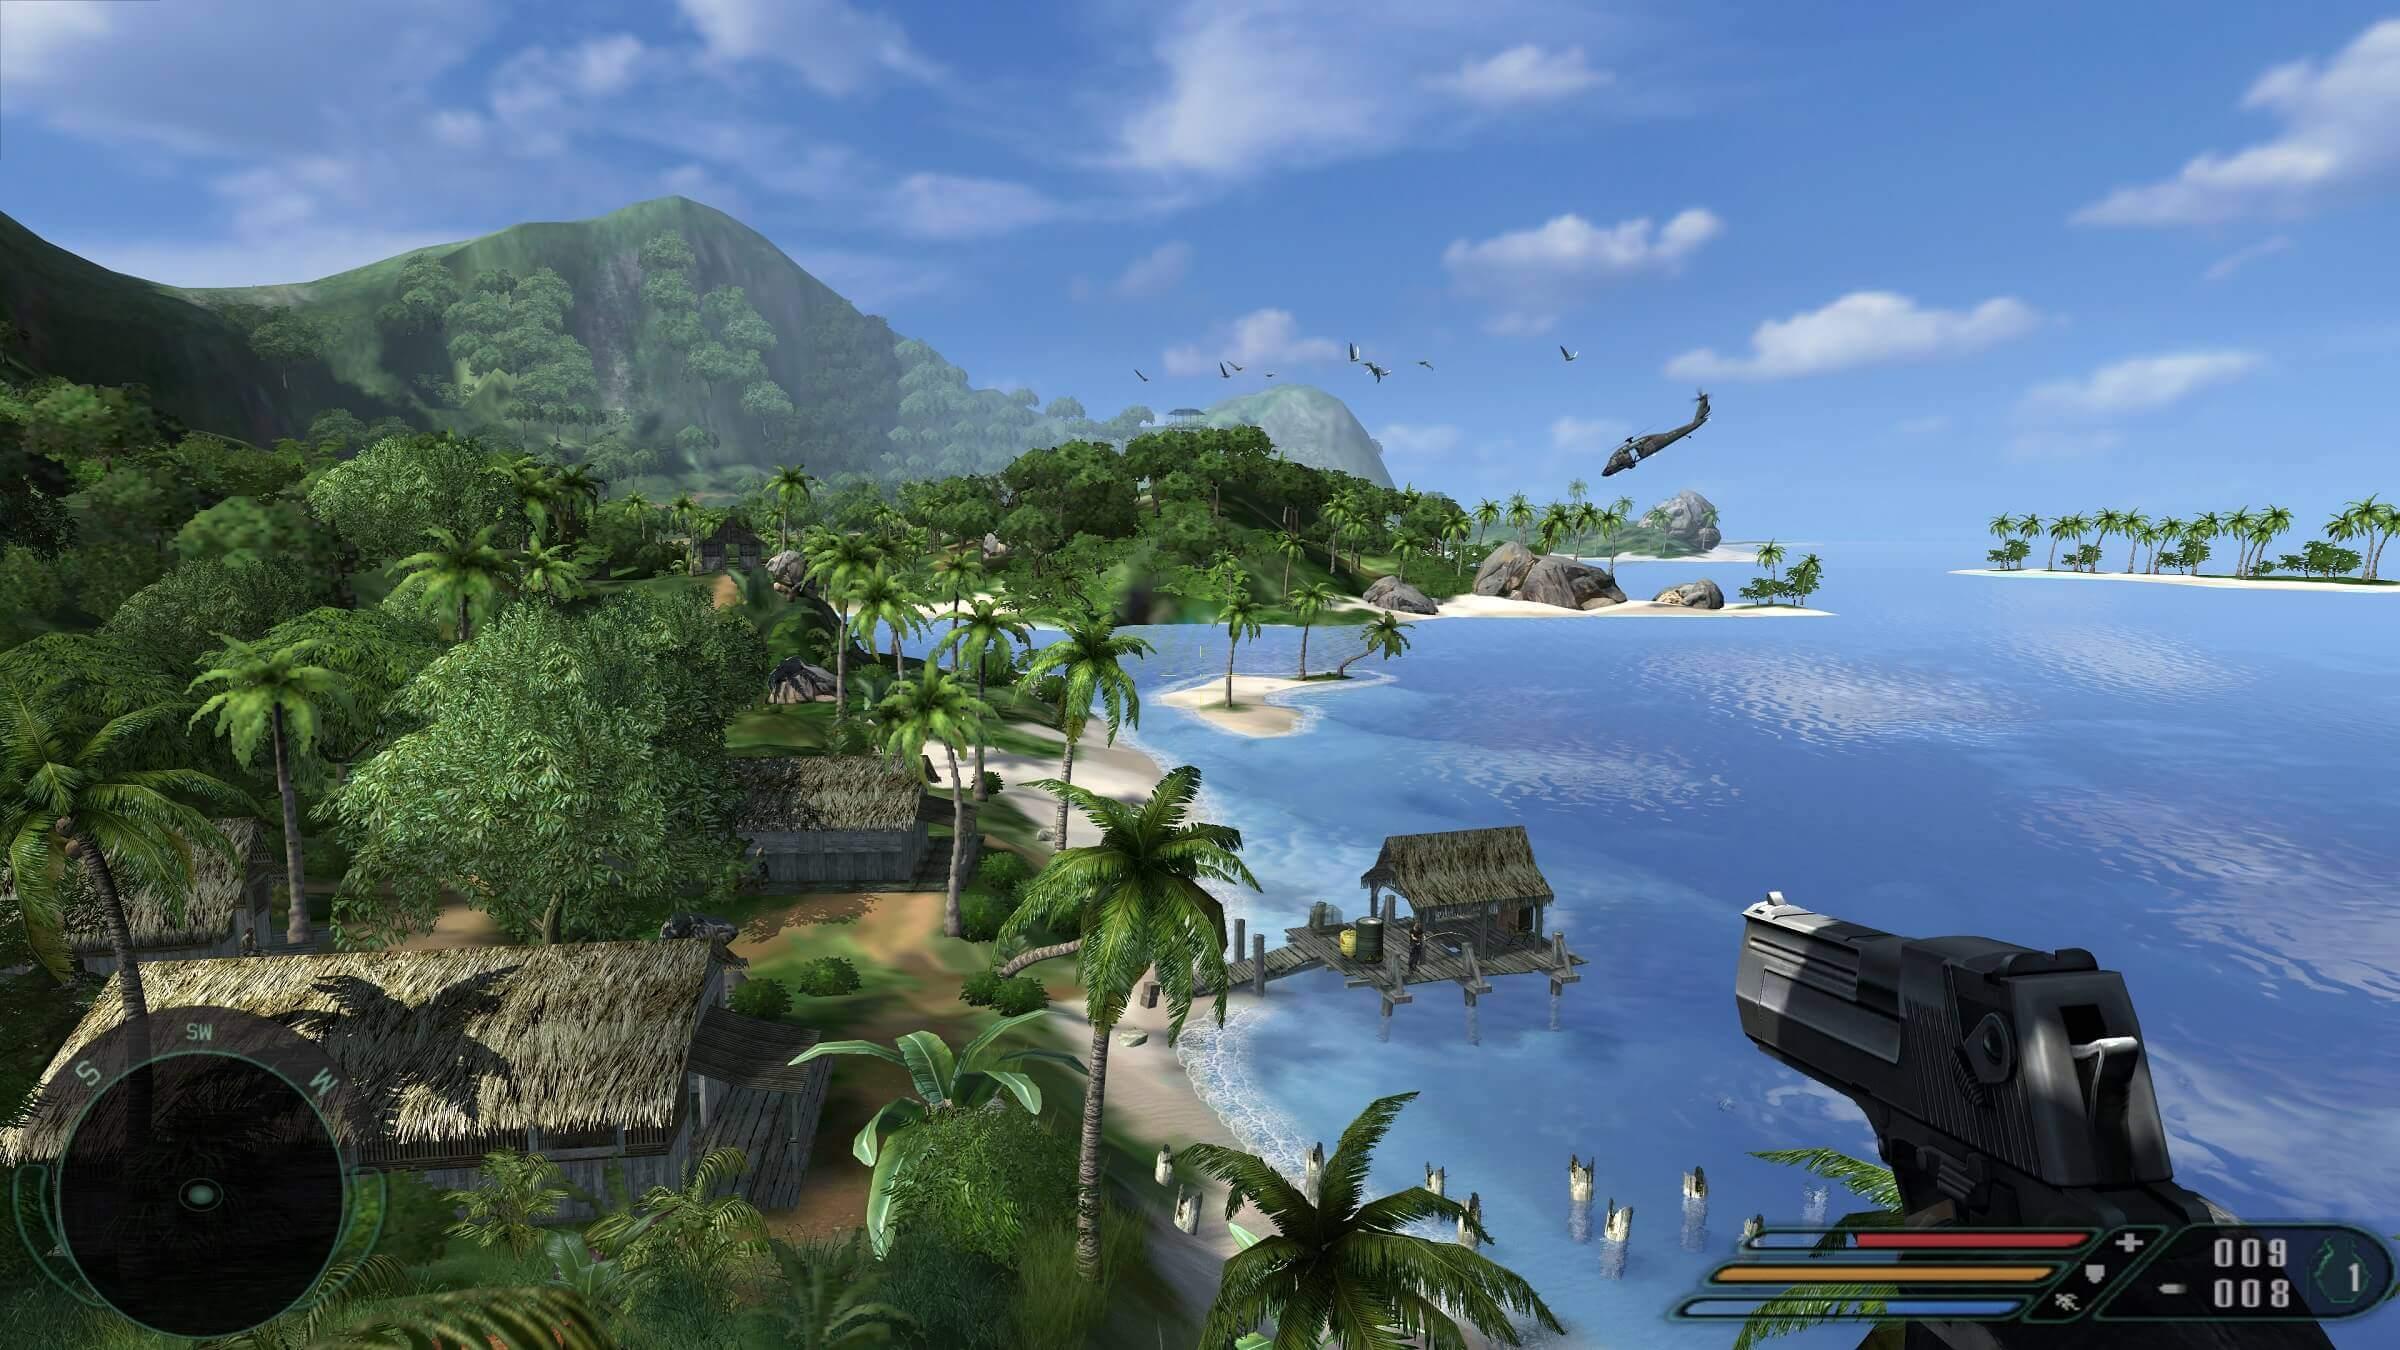 «А Crysis потянет?» Почему до сих пор обсуждают игру, выпущенную 13 лет назад - 3